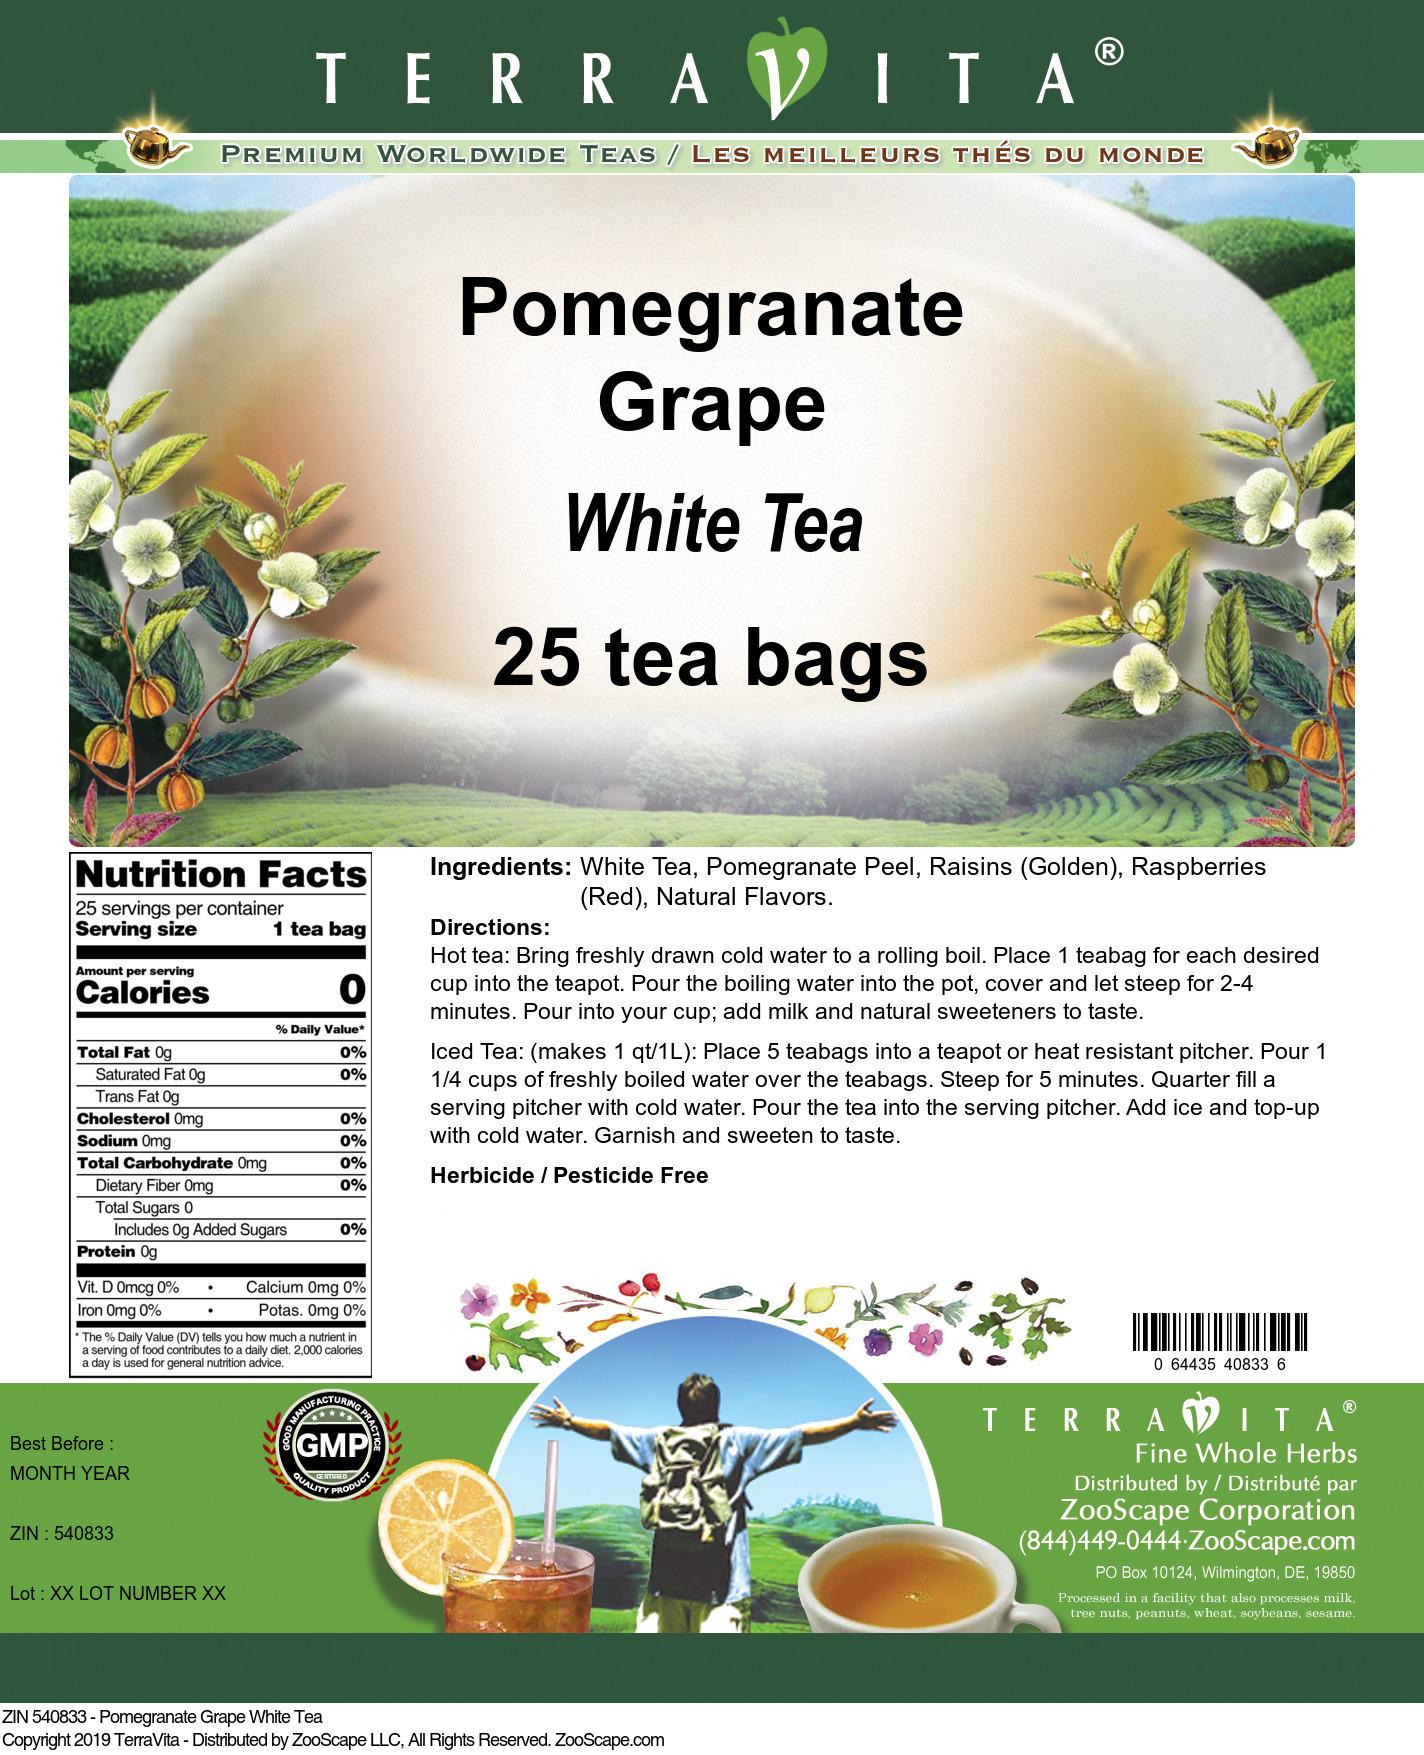 Pomegranate Grape White Tea